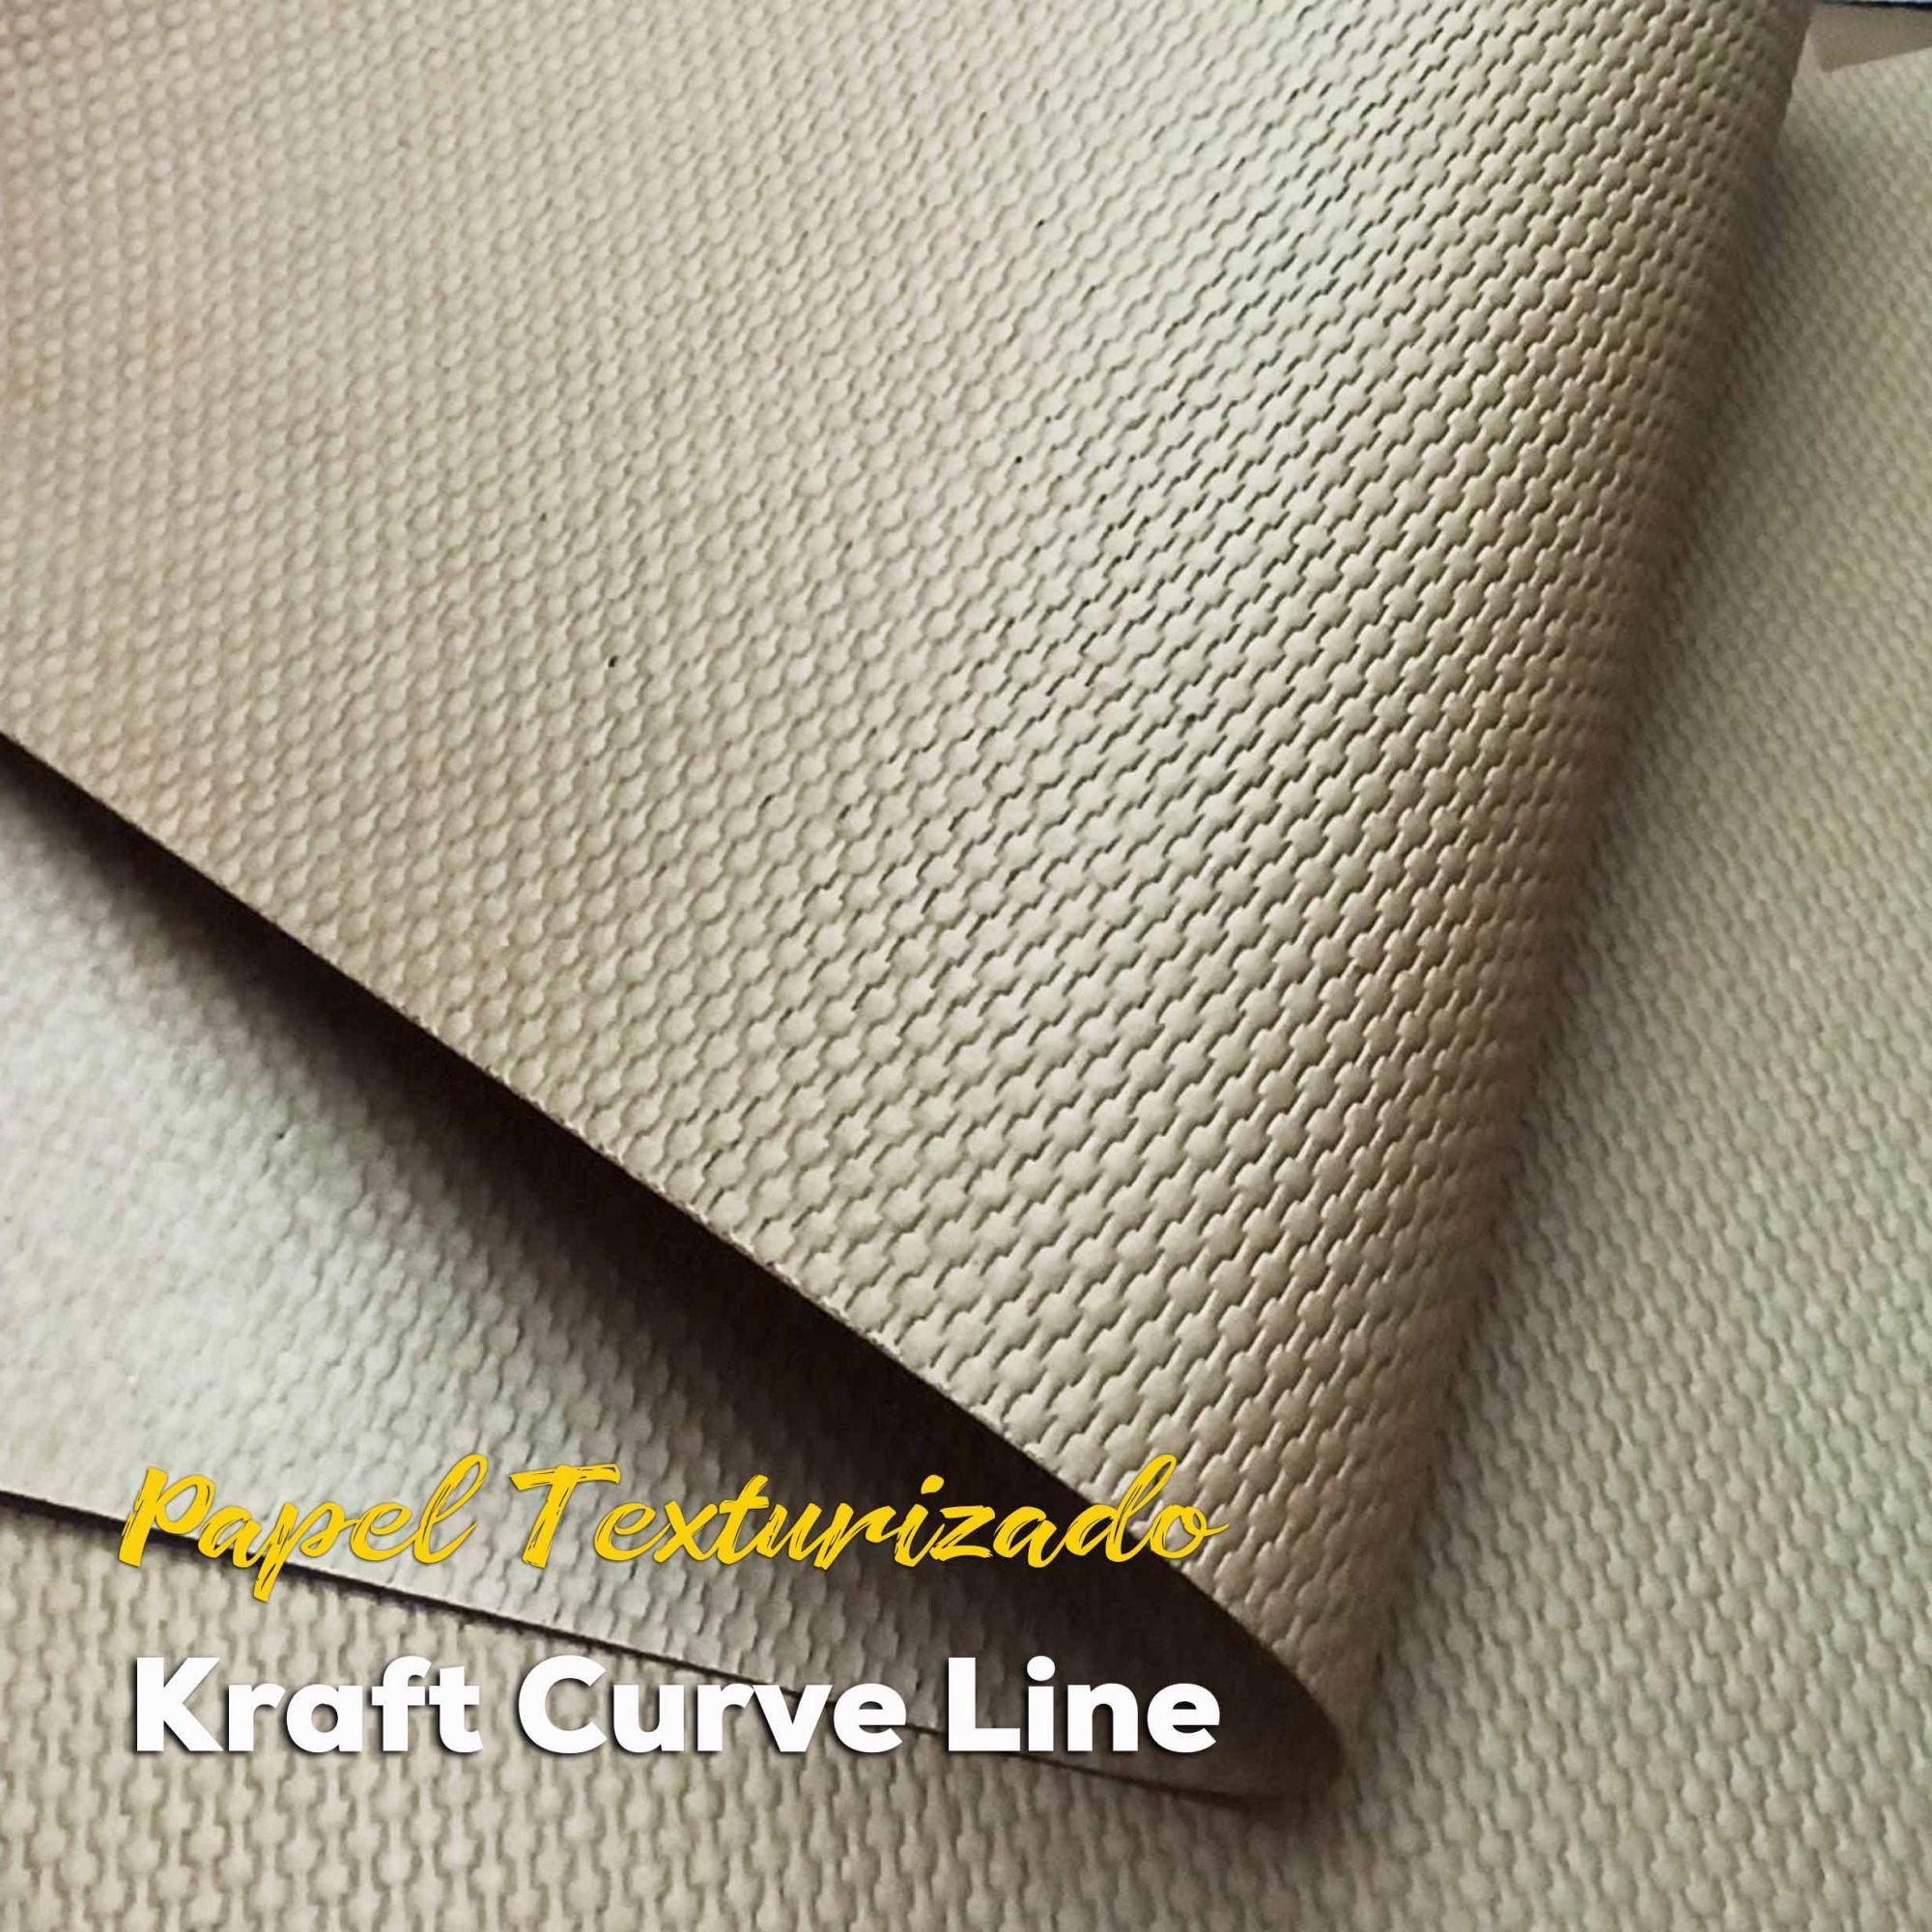 Papel Kraft com textura Curve Line (Ref 975)  300g/m2 - Tamanho 30,5x30,5cm - 6 Folhas